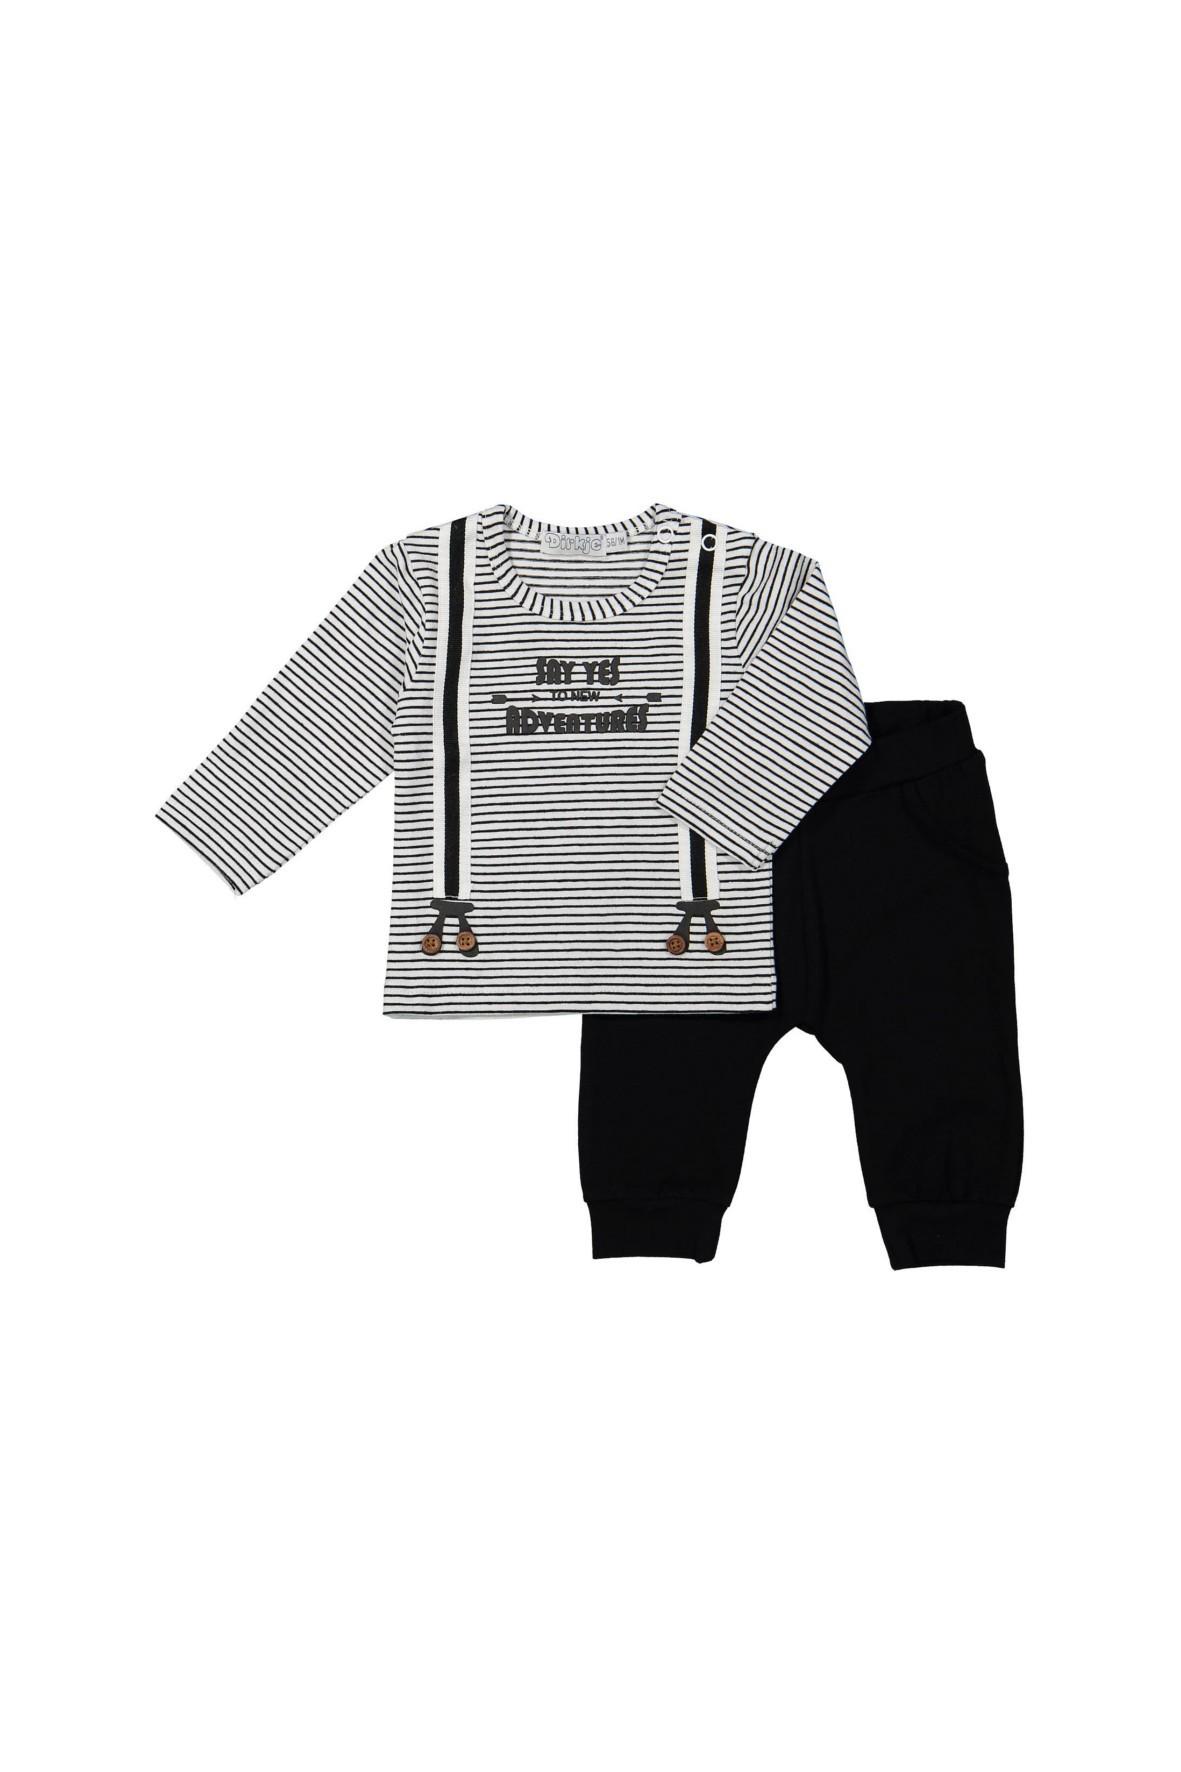 Komplet niemowlęcy bluzka z imitacją szelek i dzianinowe spodnie